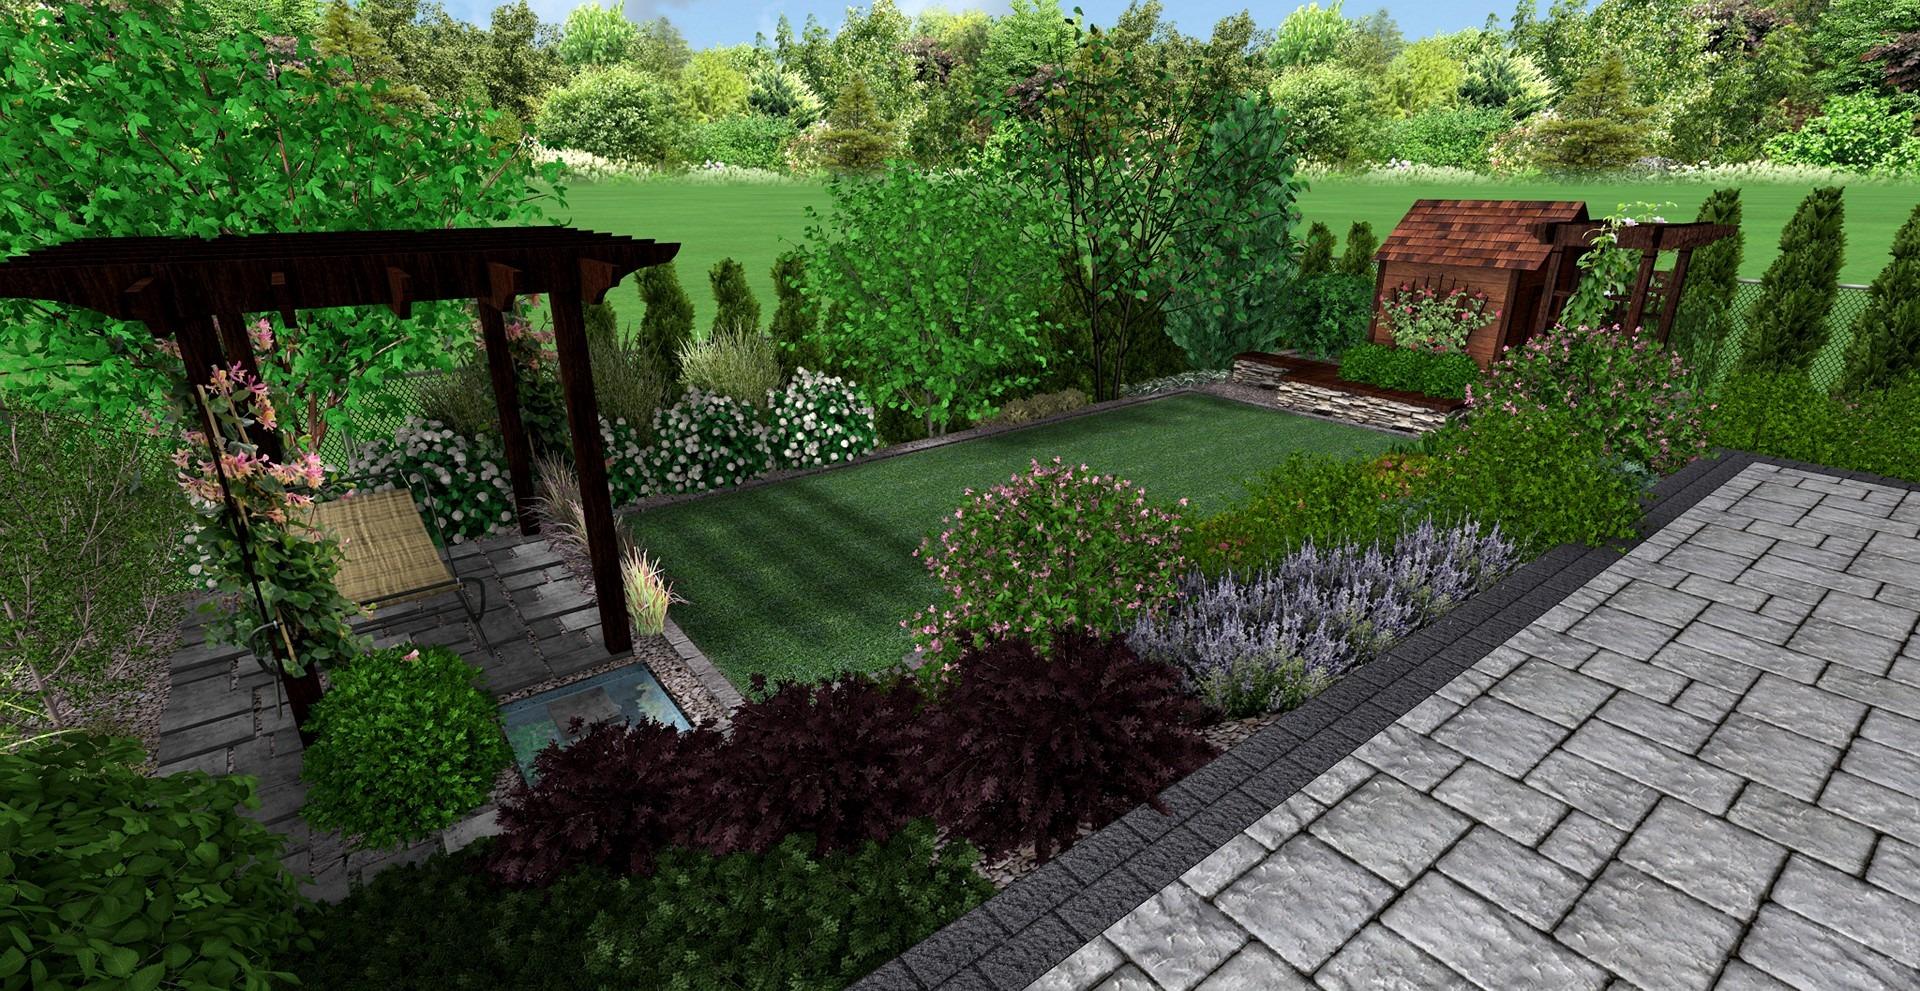 Mietniow-ogrody-projektowanie